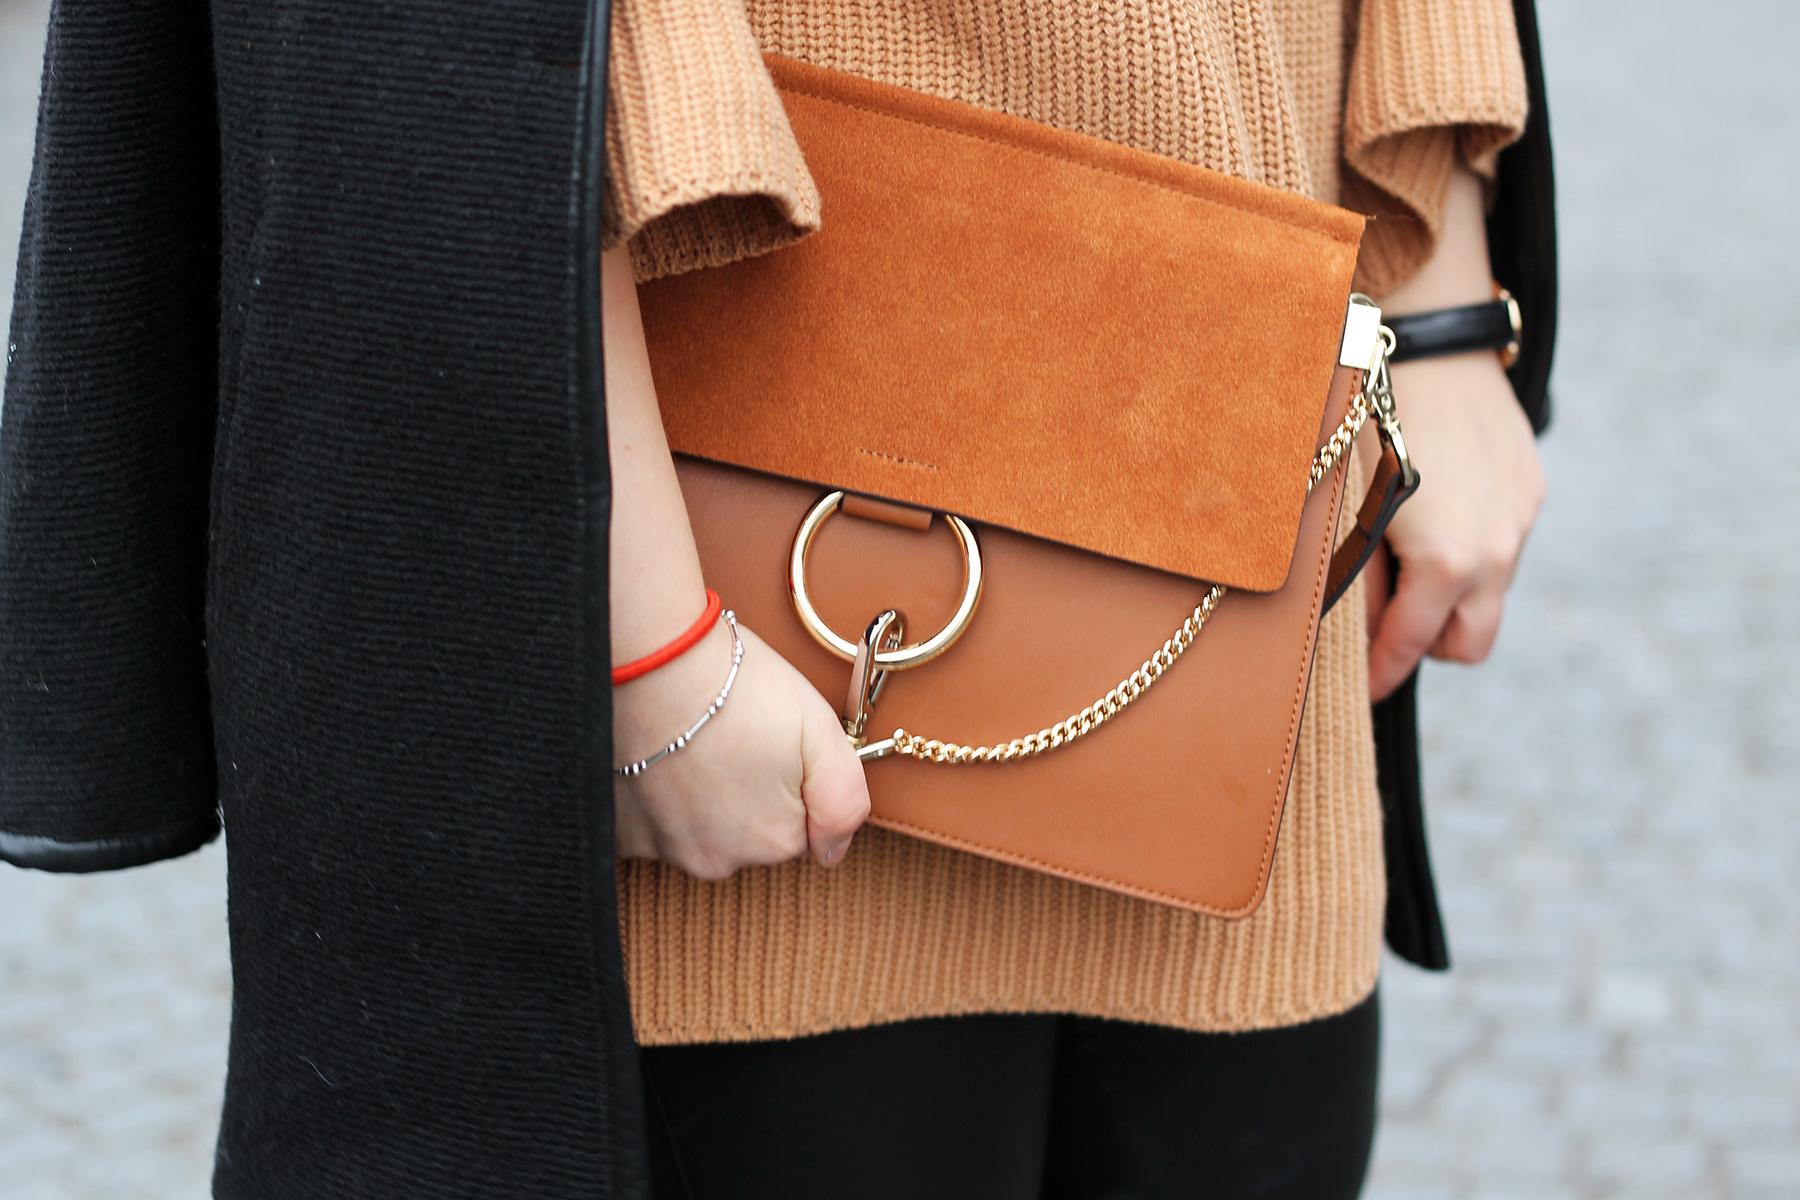 chloe-faye-tasche-bag-lookalike-outfit-look-style-kombieren-fashionblogger